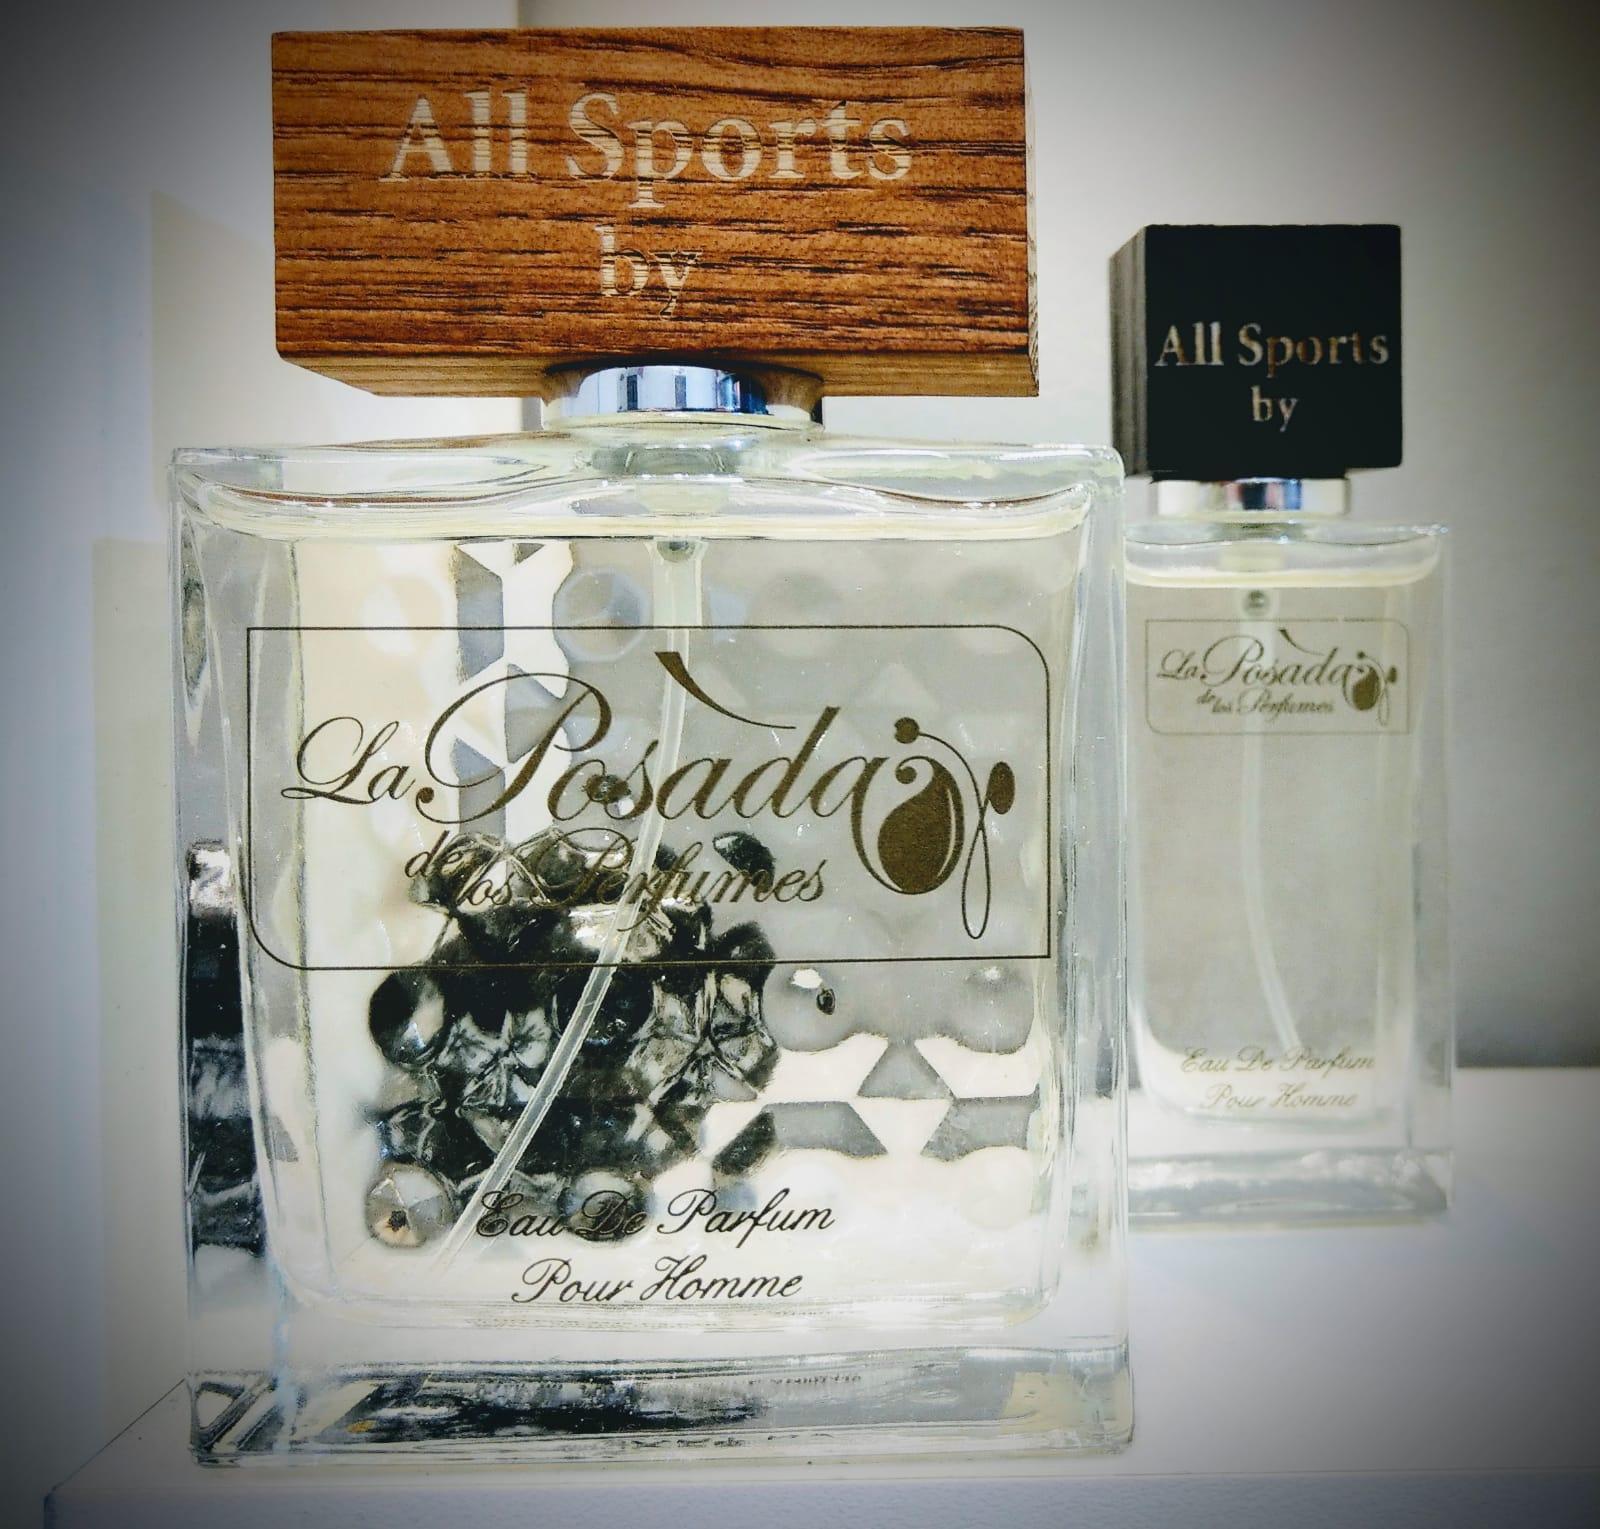 All Sports Eau de Parfum